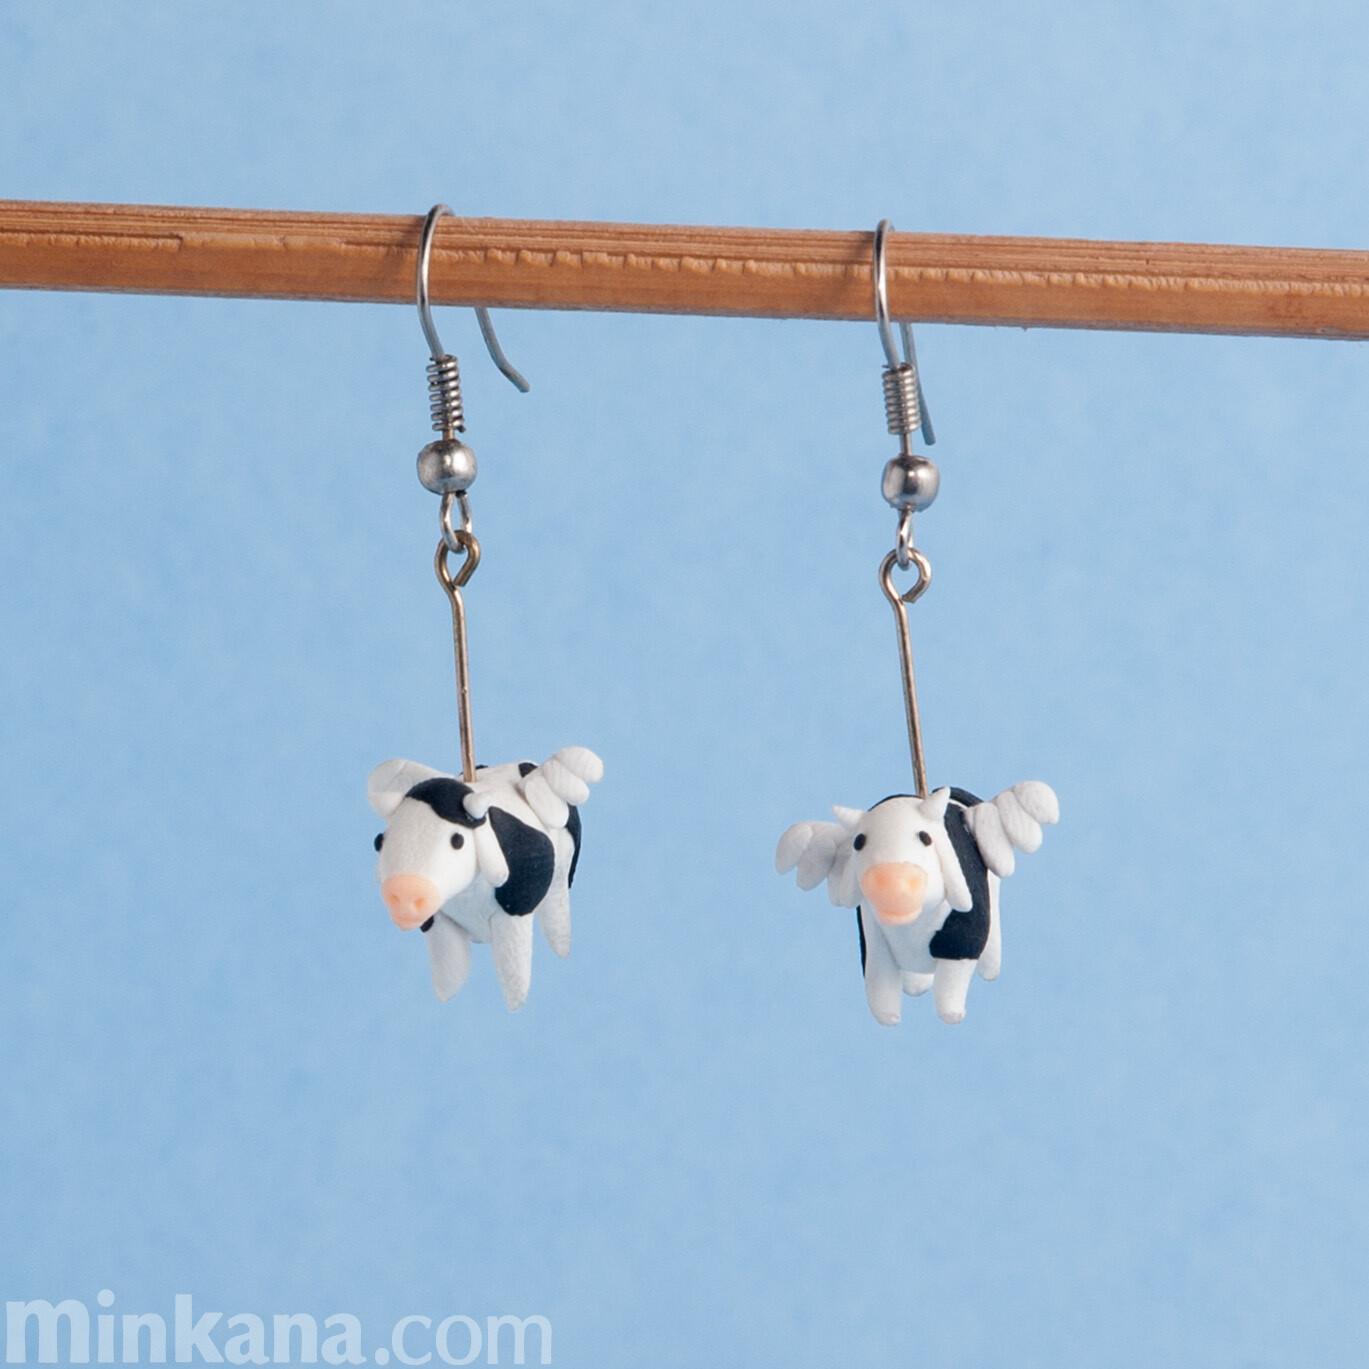 Flying Cows Earrings